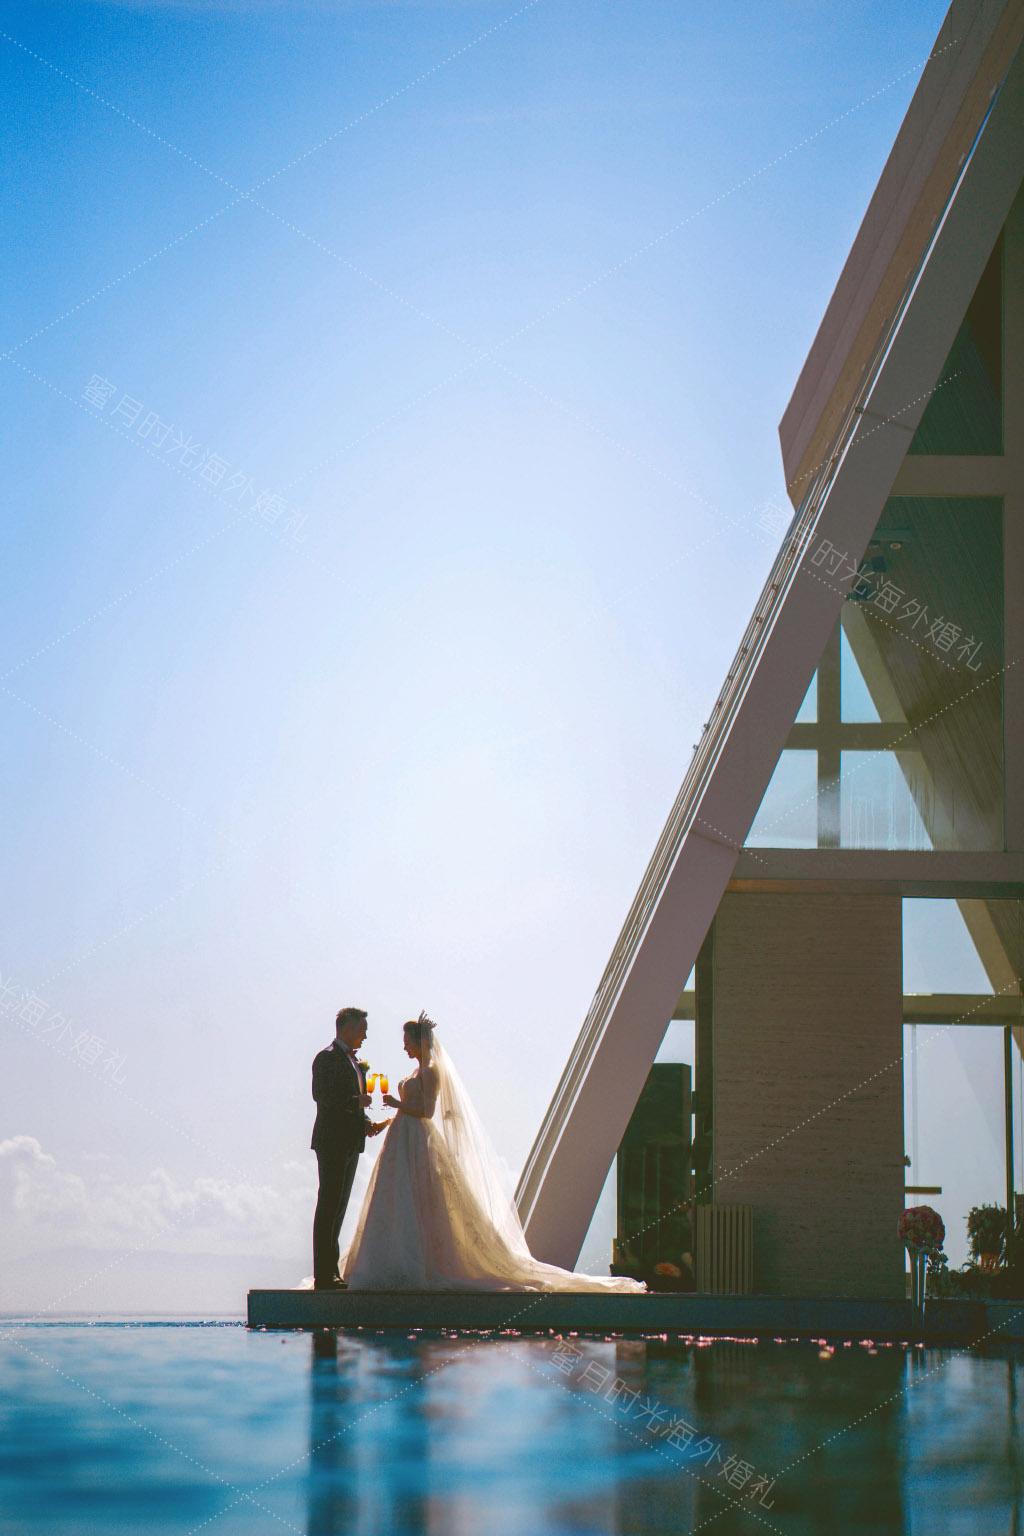 港丽无限教堂婚礼+升级布置|大片即视感了|海外婚礼